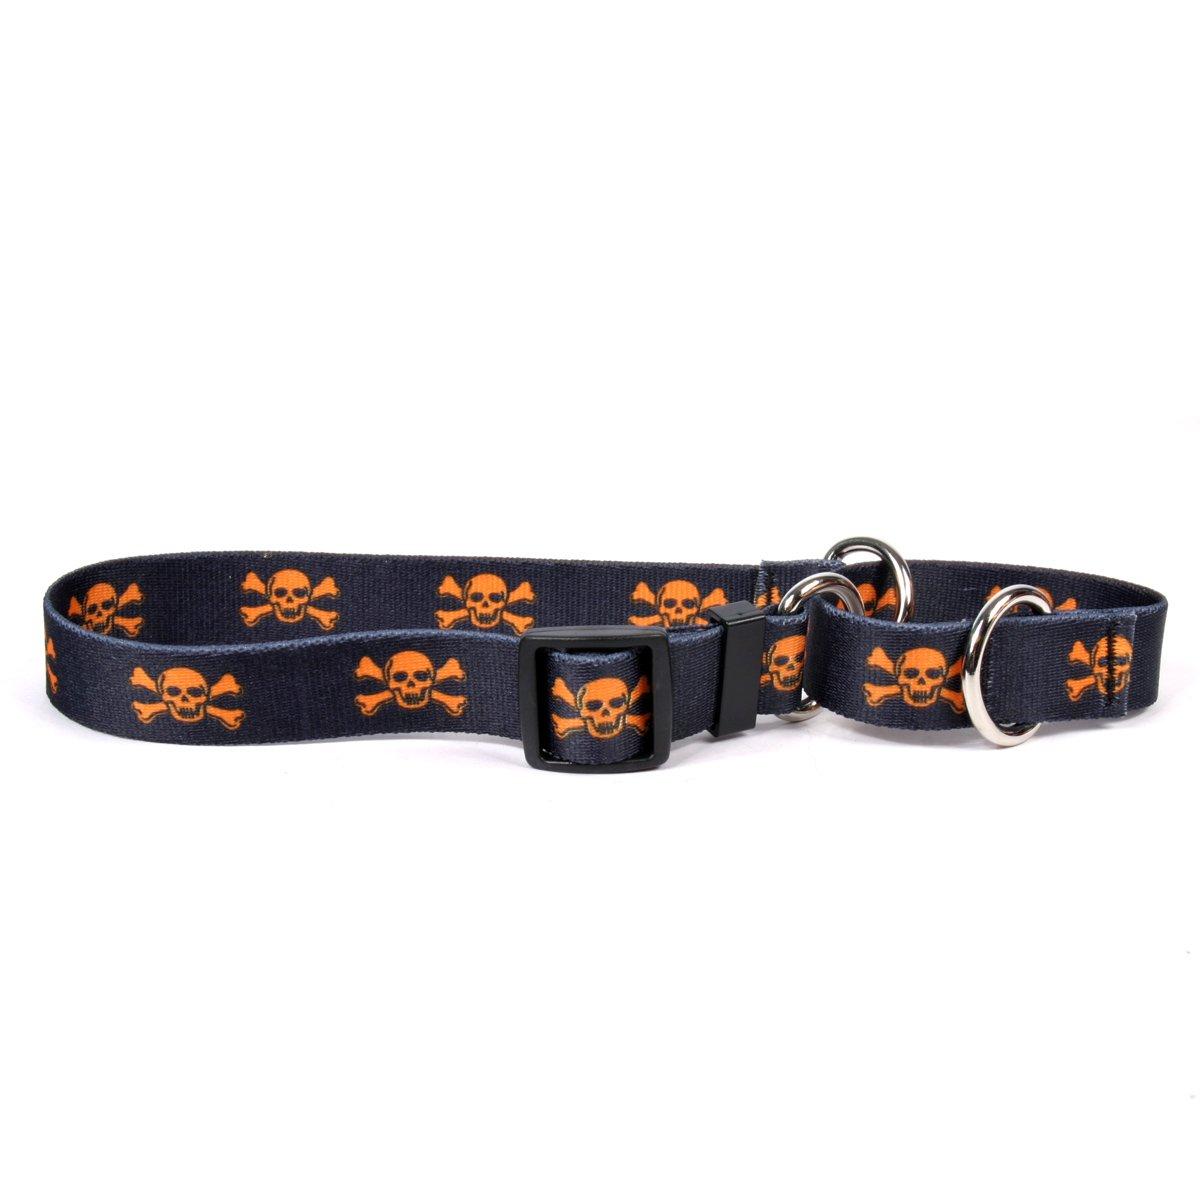 orange Skulls Medium 20\ orange Skulls Medium 20\ Yellow Dog Design Martingale Slip Collar, orange Skulls, Medium 20